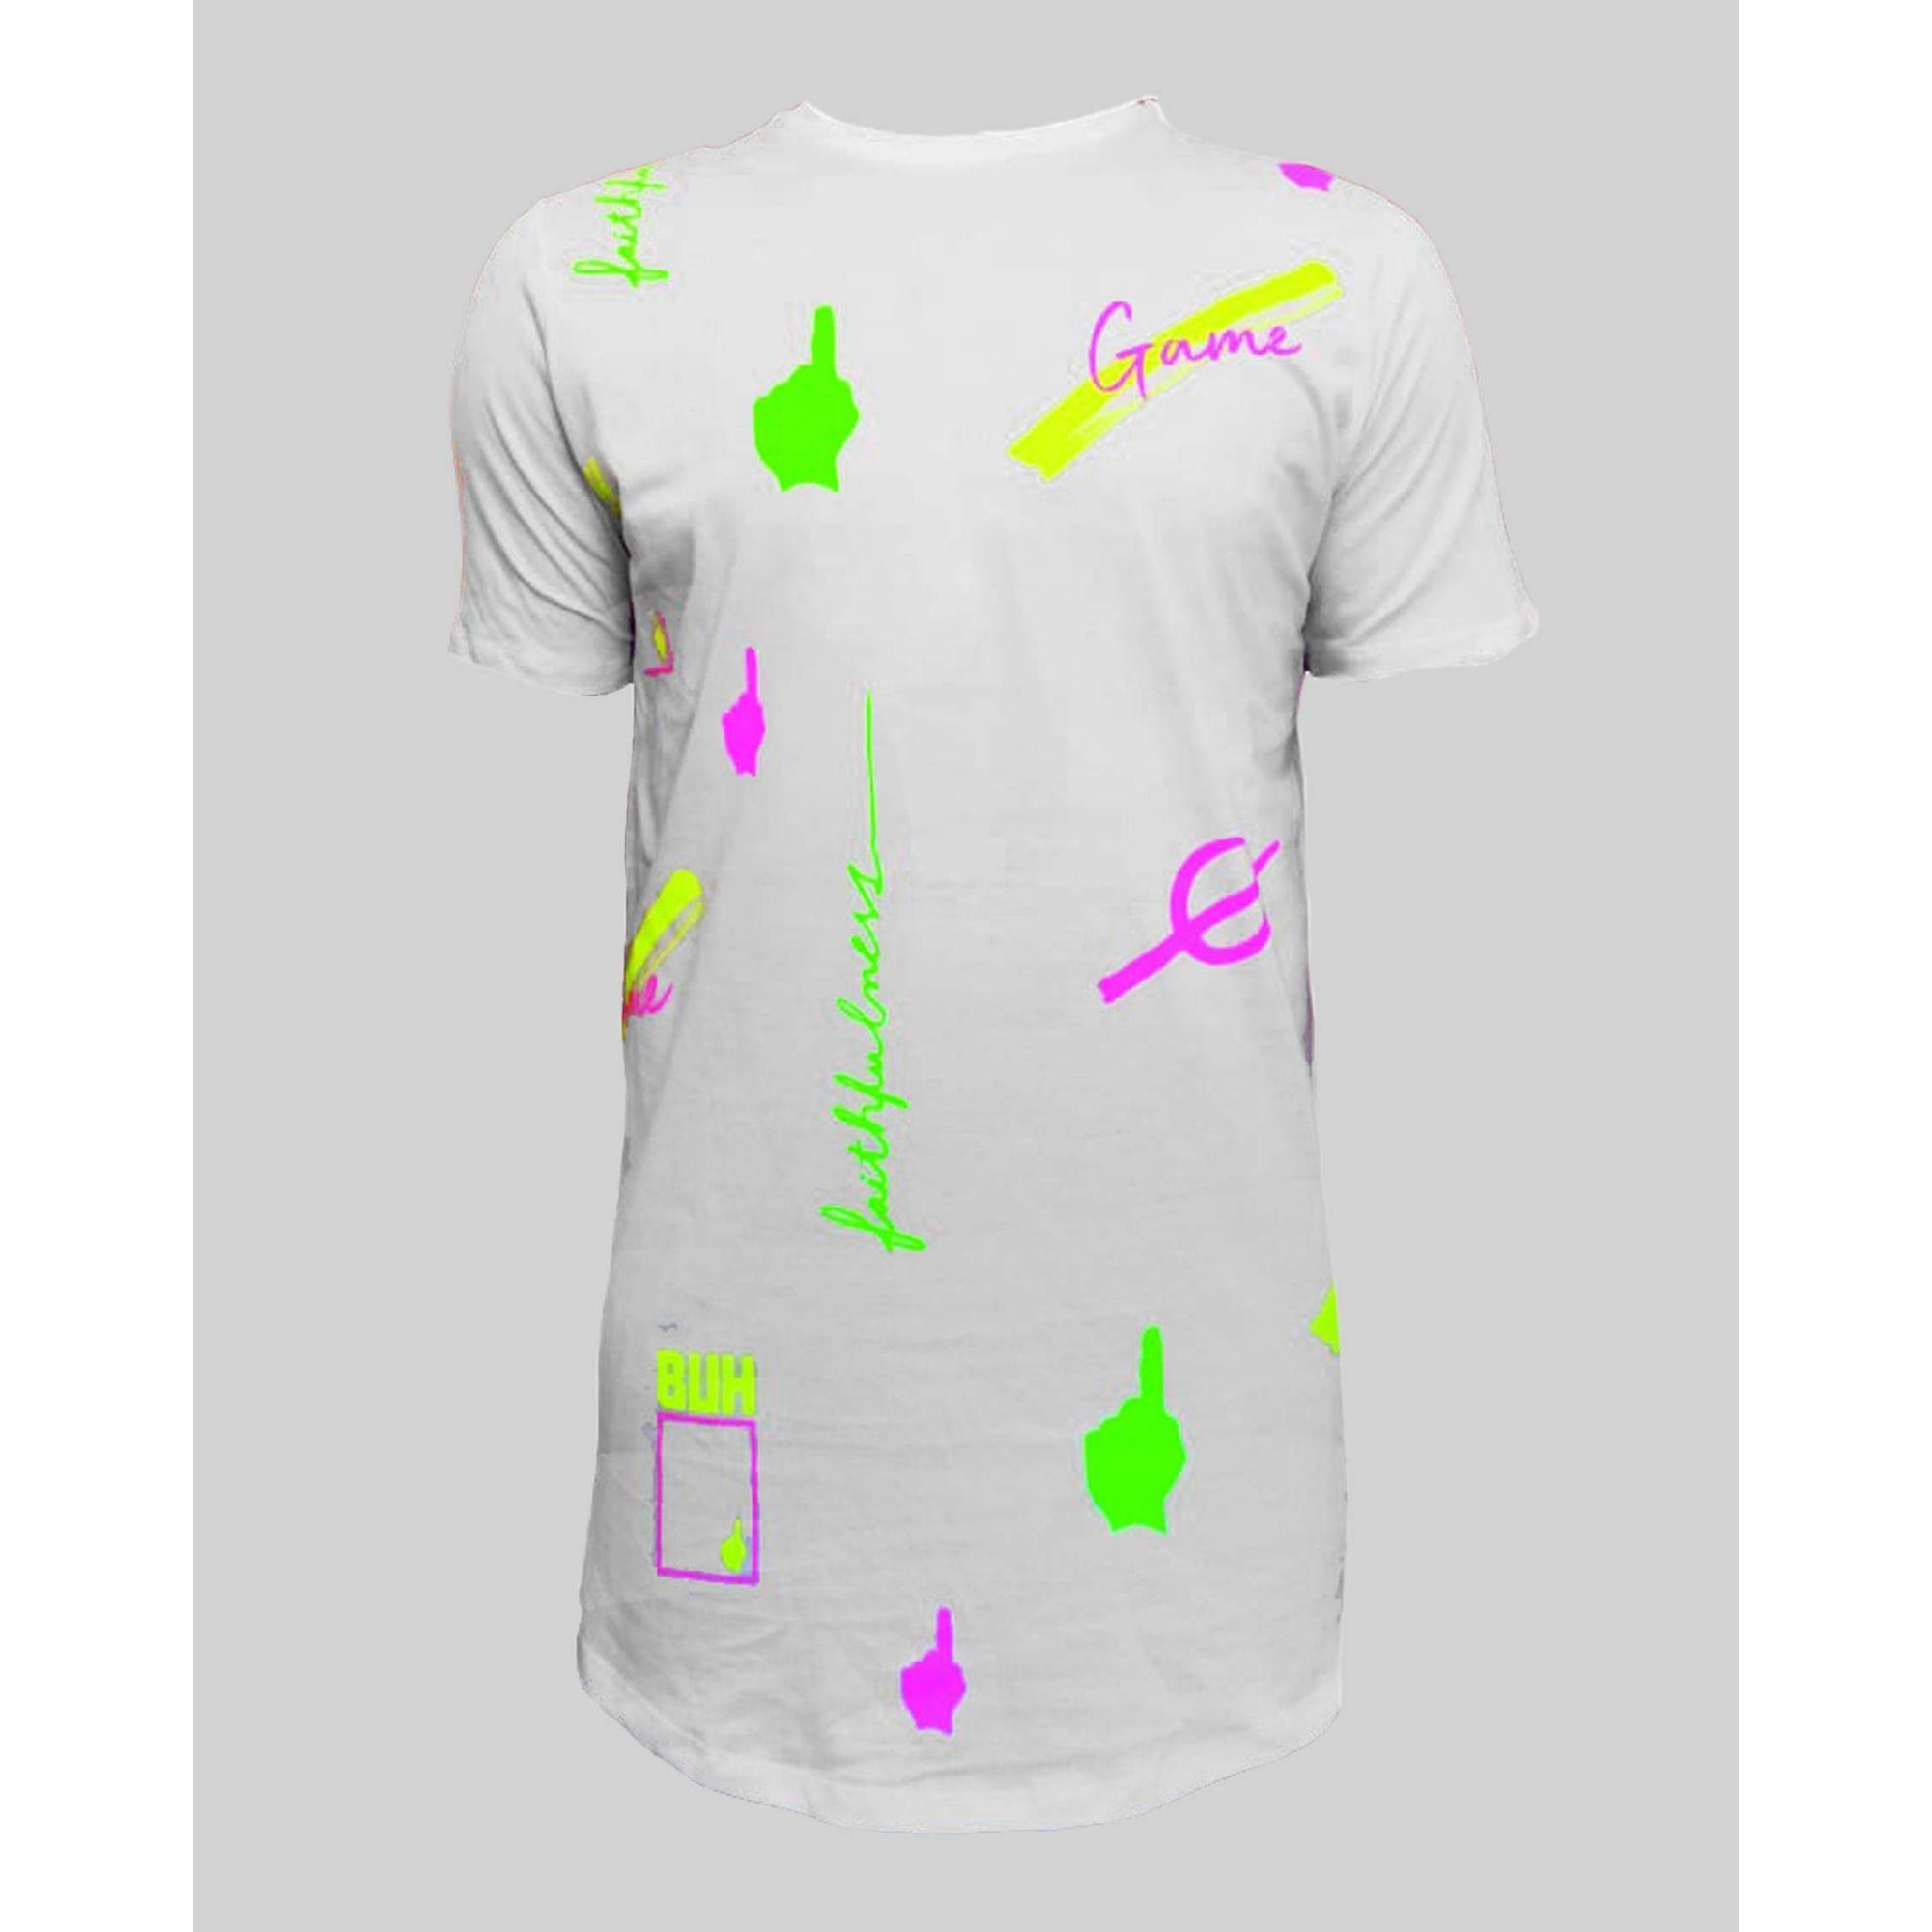 Camiseta Buh FullPrint Neon White